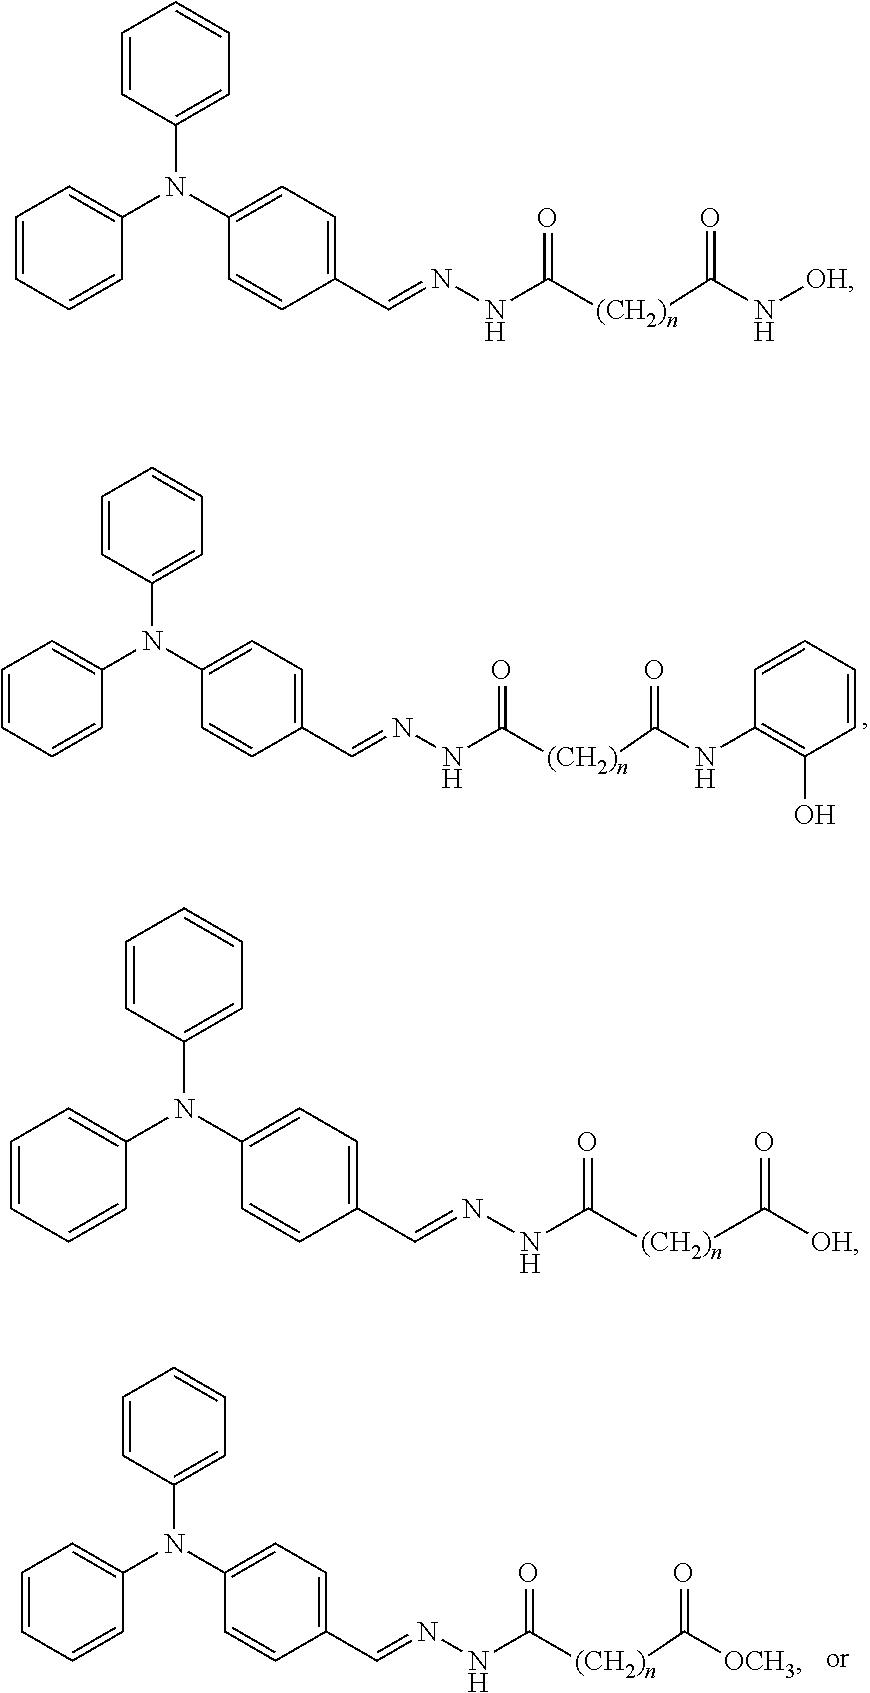 Figure US20110172303A1-20110714-C00011